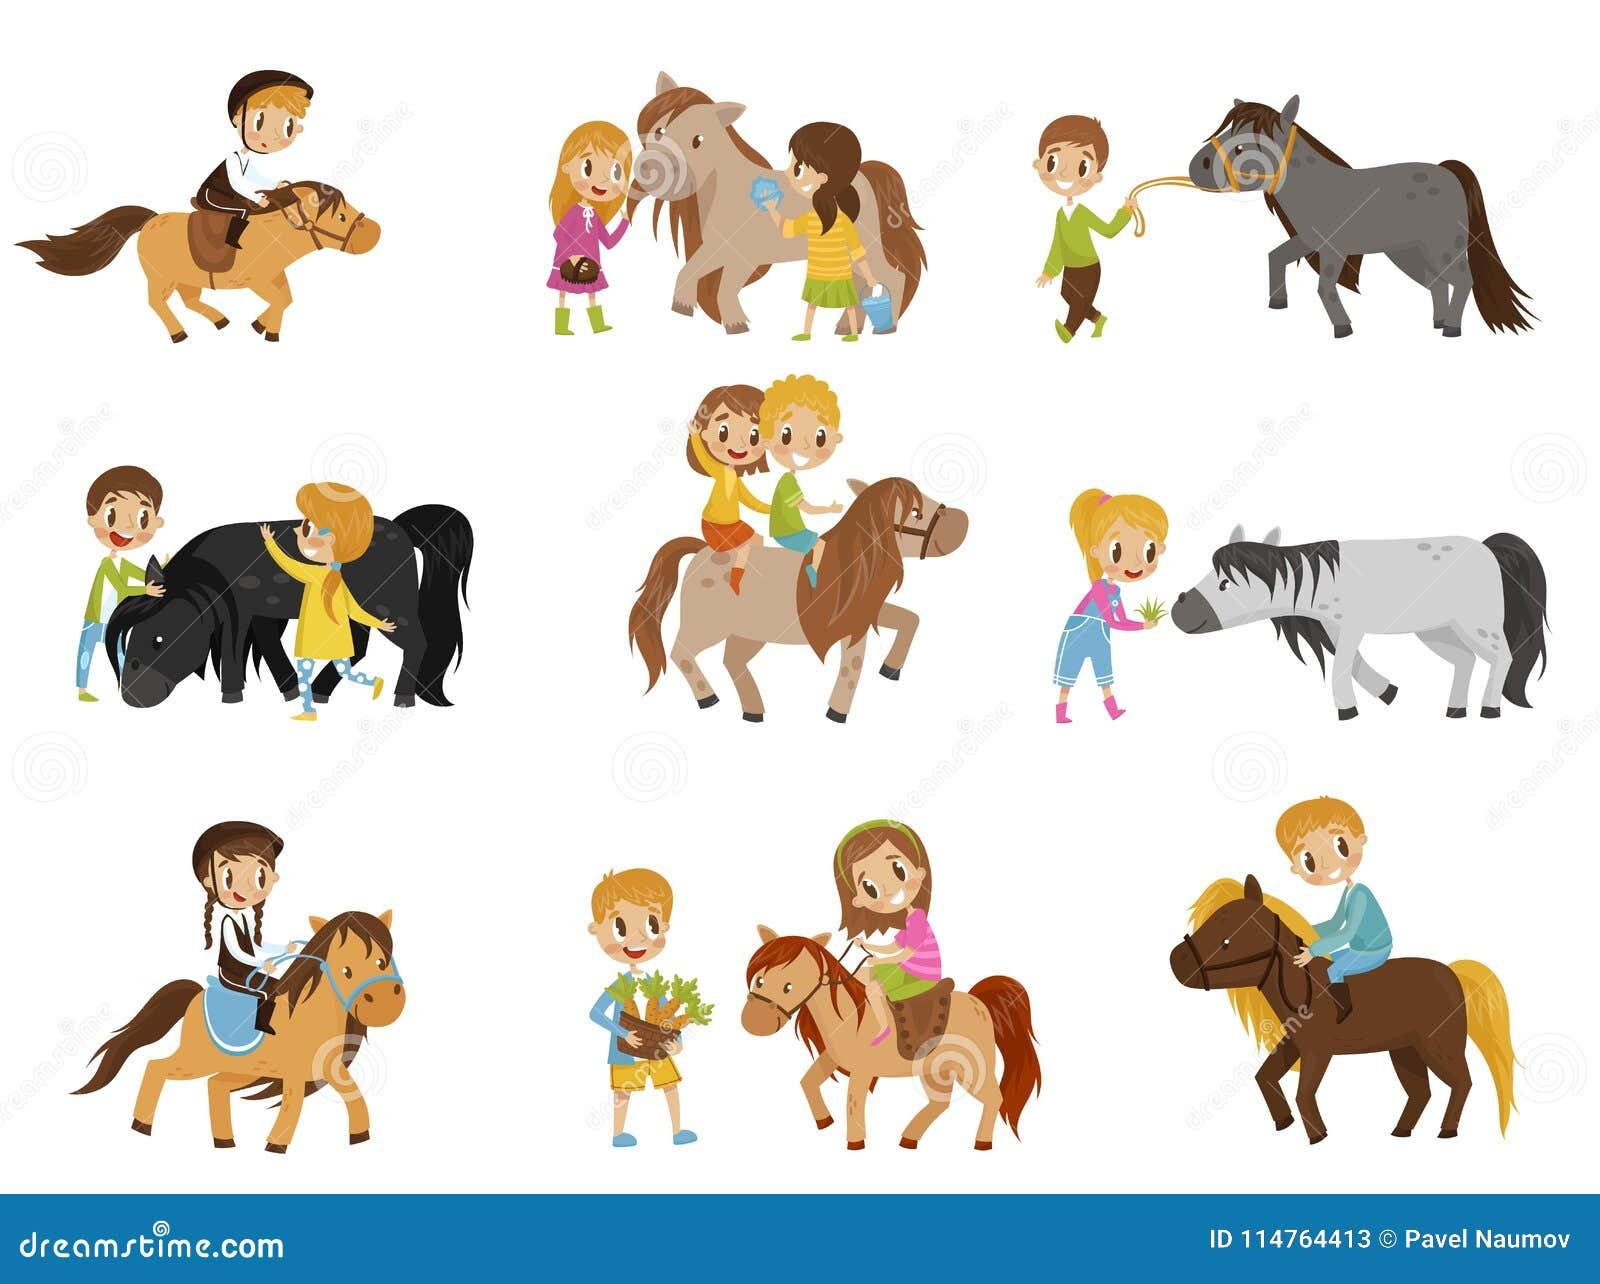 乘坐小马和照顾他们的马的滑稽的小孩设置了,马术运动,传染媒介例证